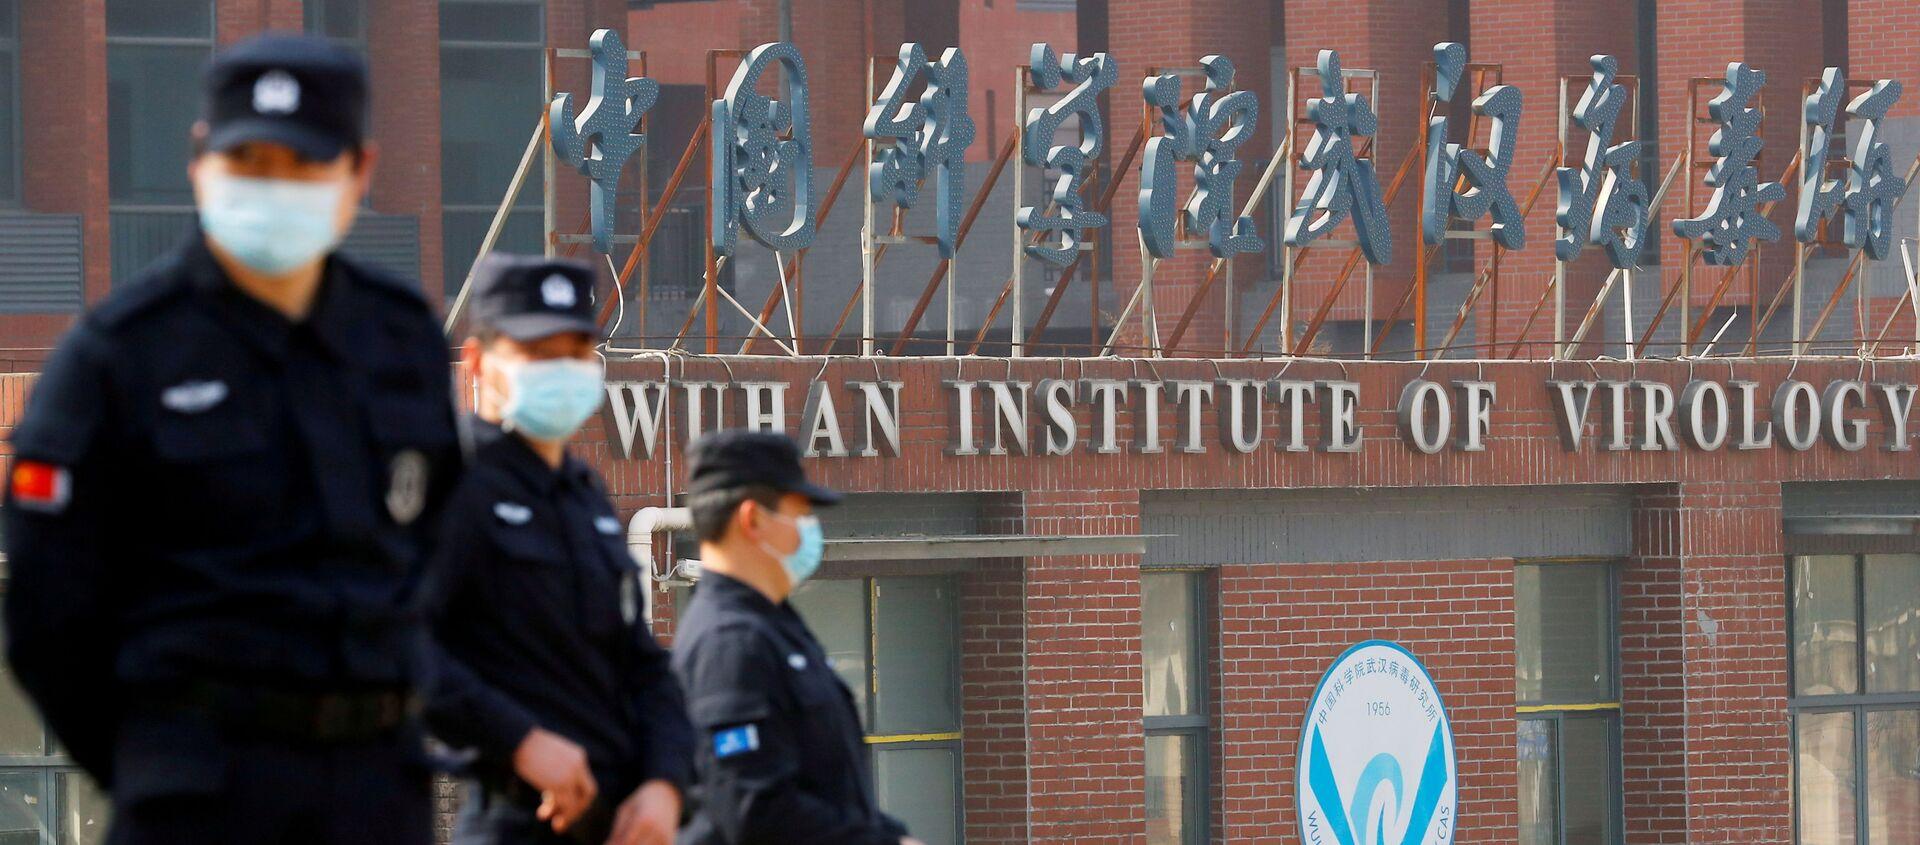 米情報機関 武漢ウイルス研究所のウイルス情報を入手 データ処理に取り組む - Sputnik 日本, 1920, 07.08.2021